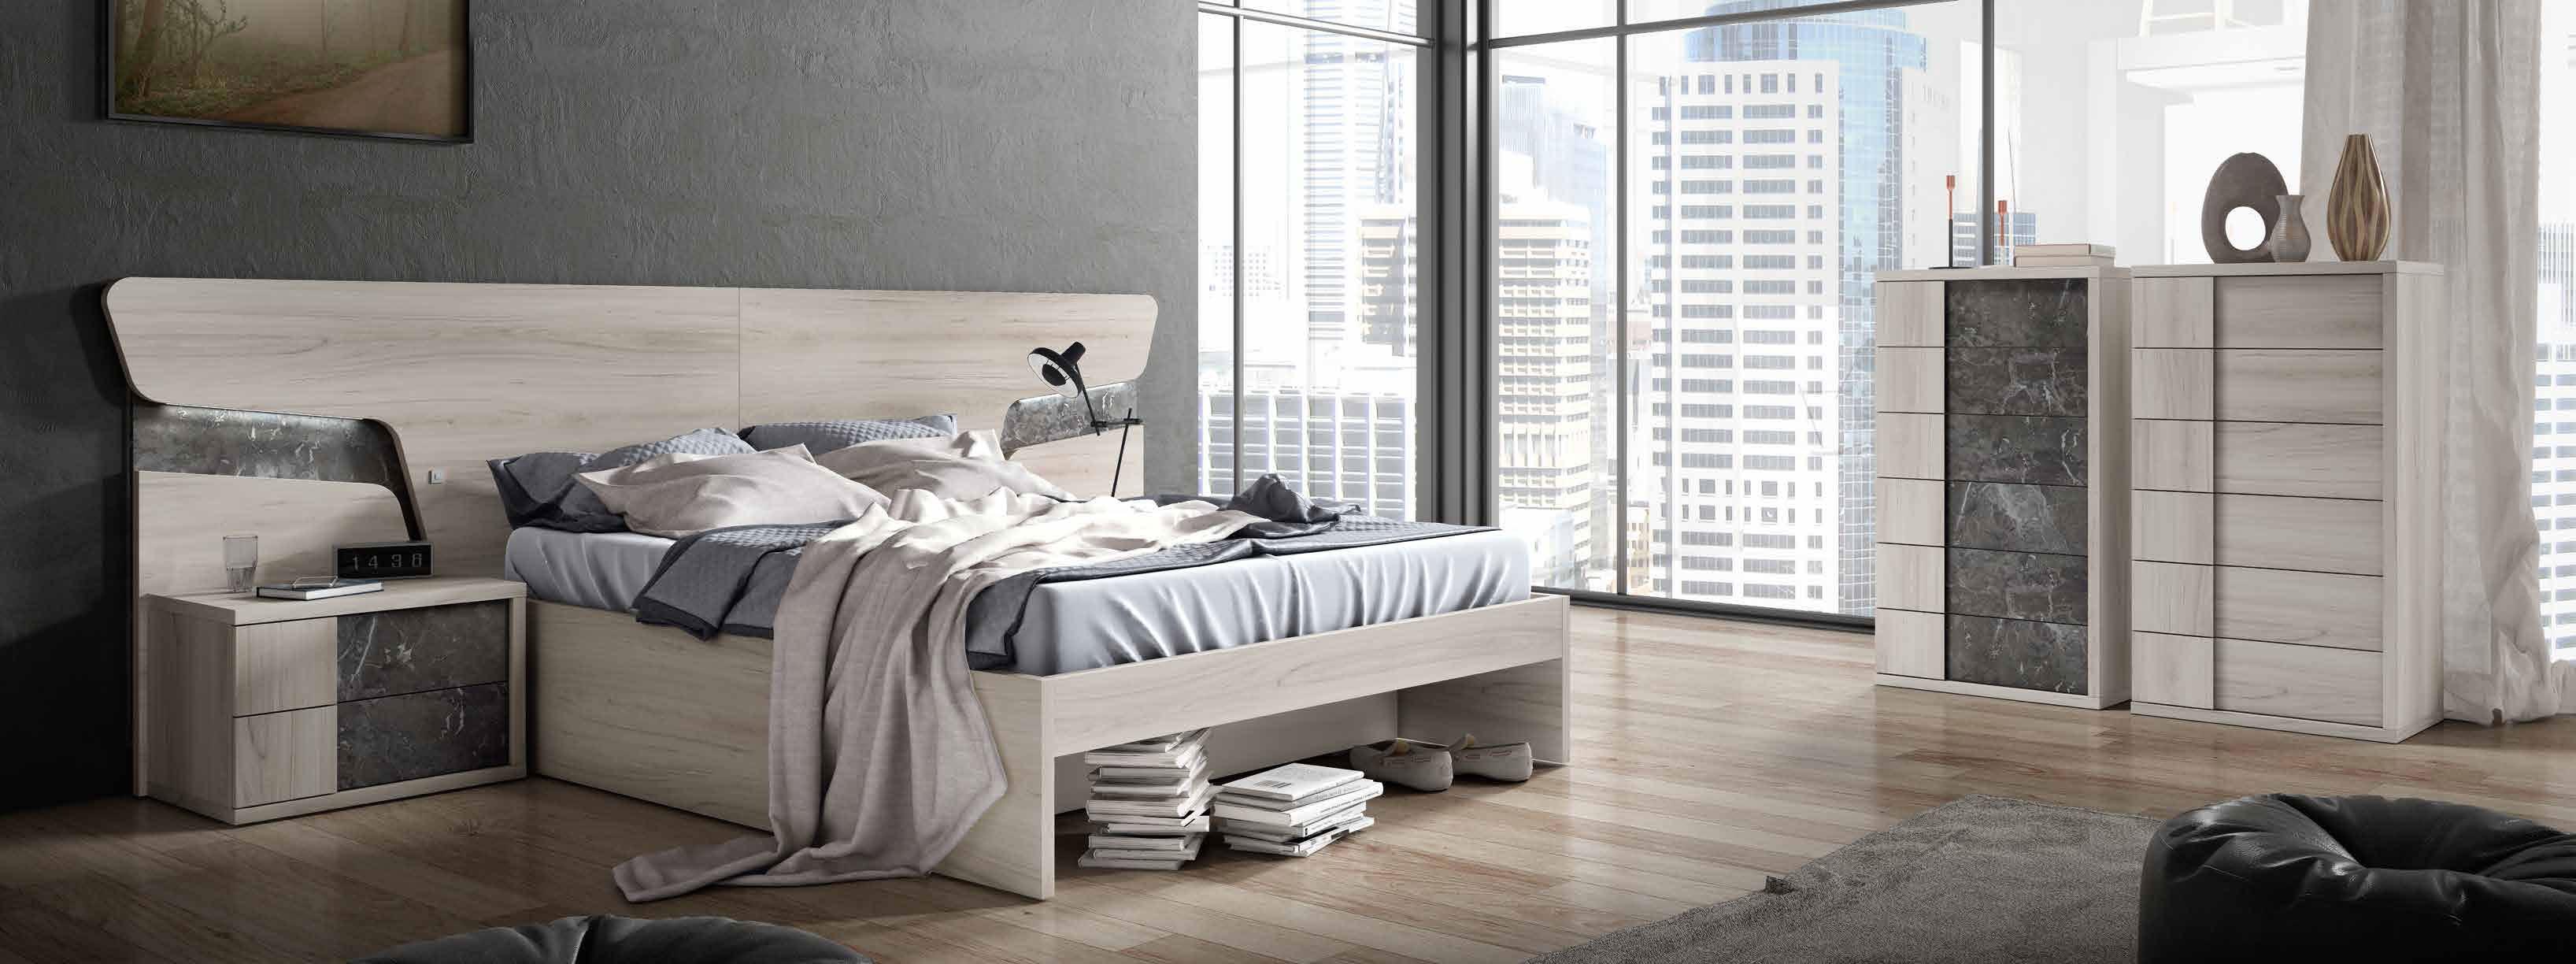 creta-dormitorio-trikala-02